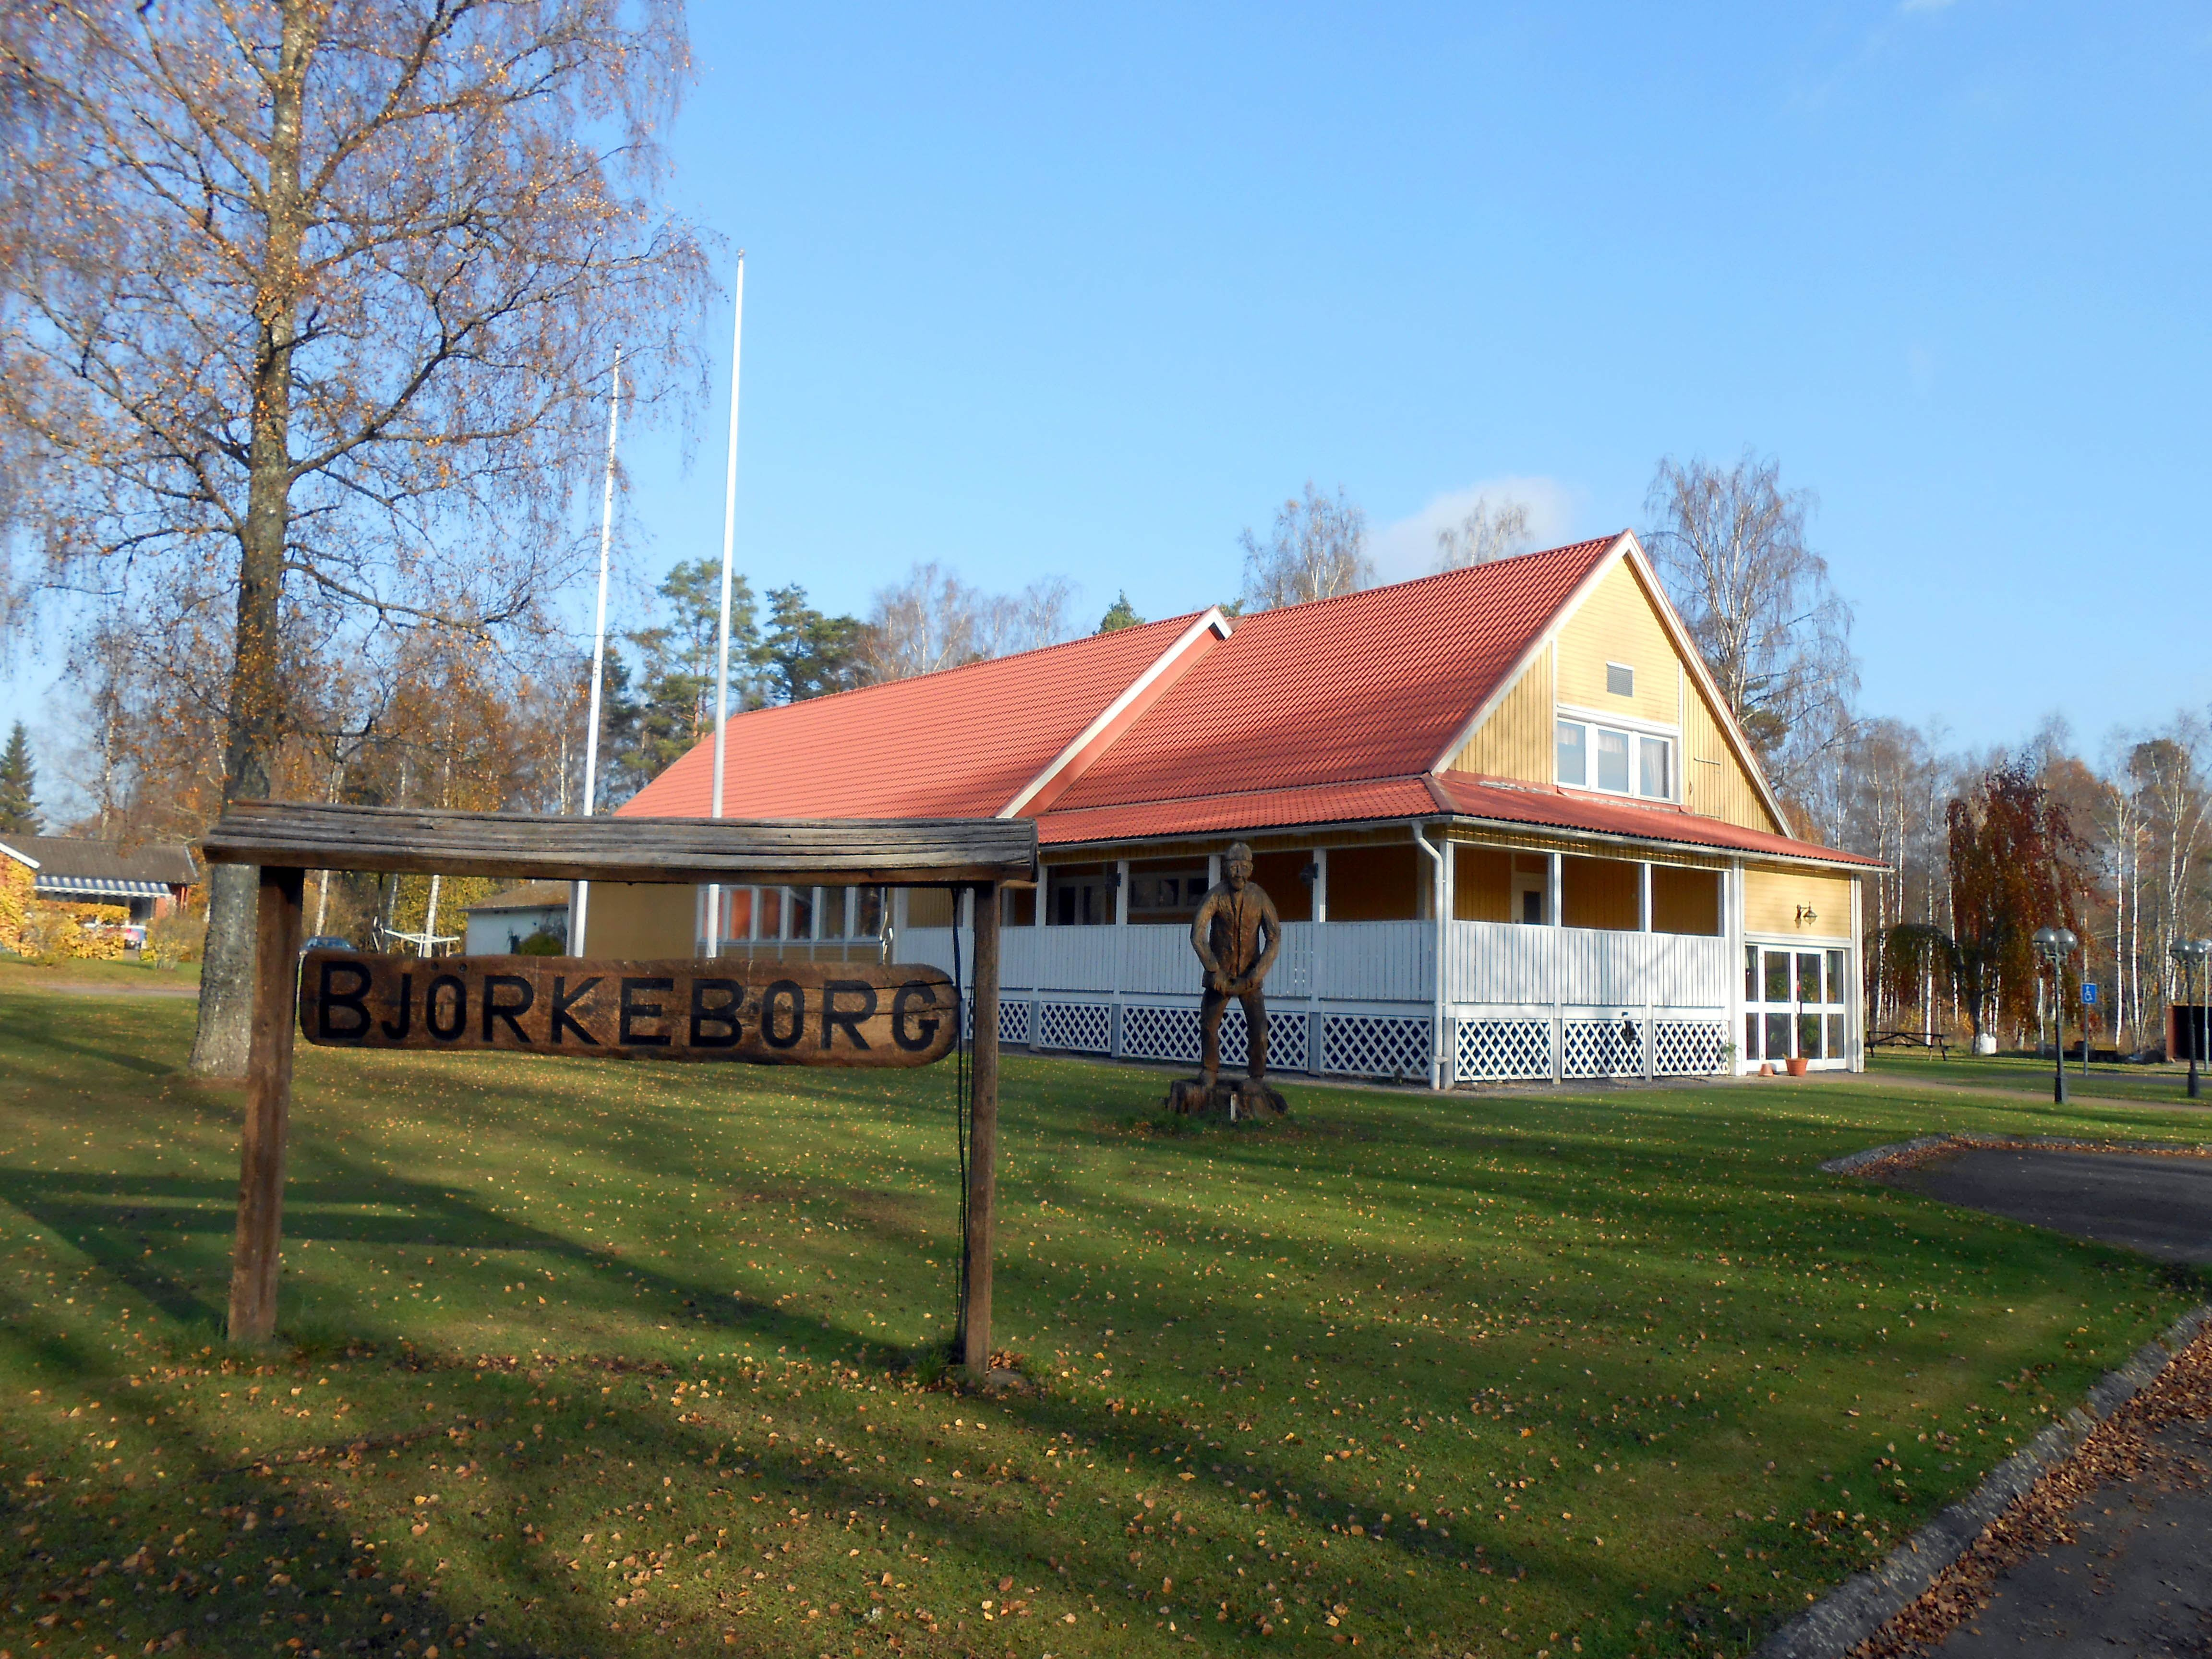 Maria Soneson,  © Maria Soneson, Flohmarkt in Björkeborg, Väckelsång